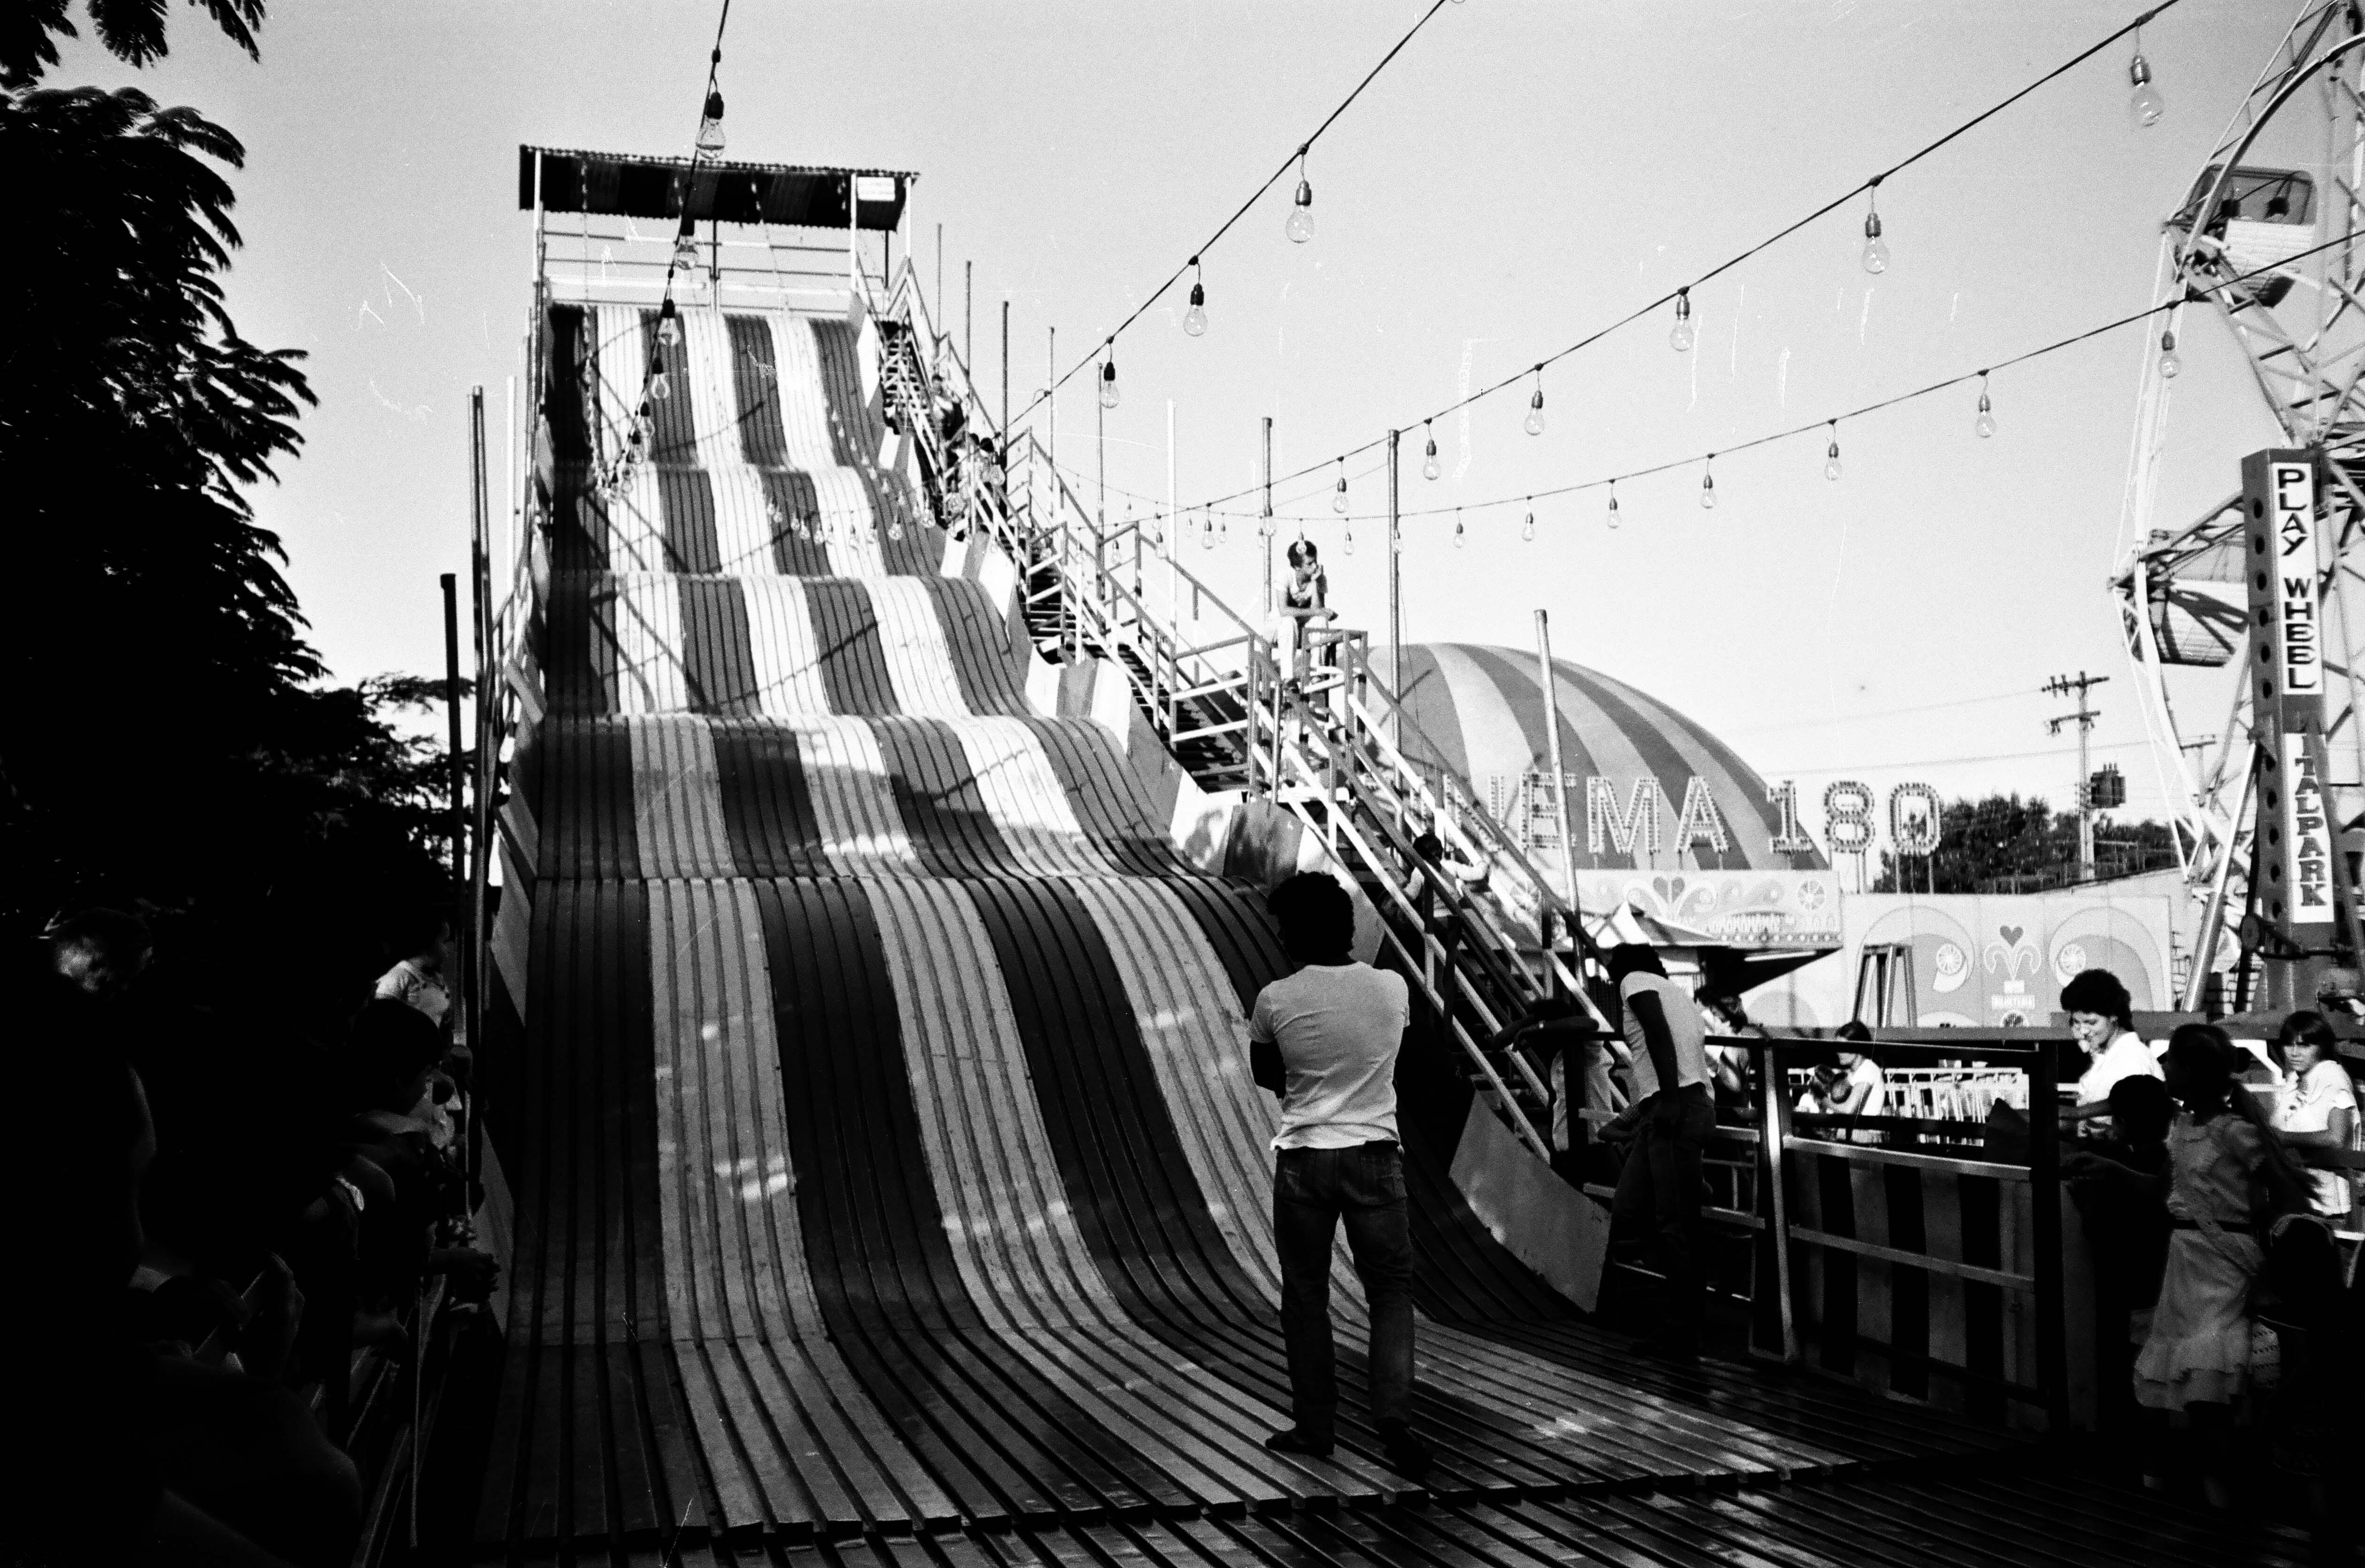 Tobogã na Expoingá - Anos 1980 (outro ângulo)